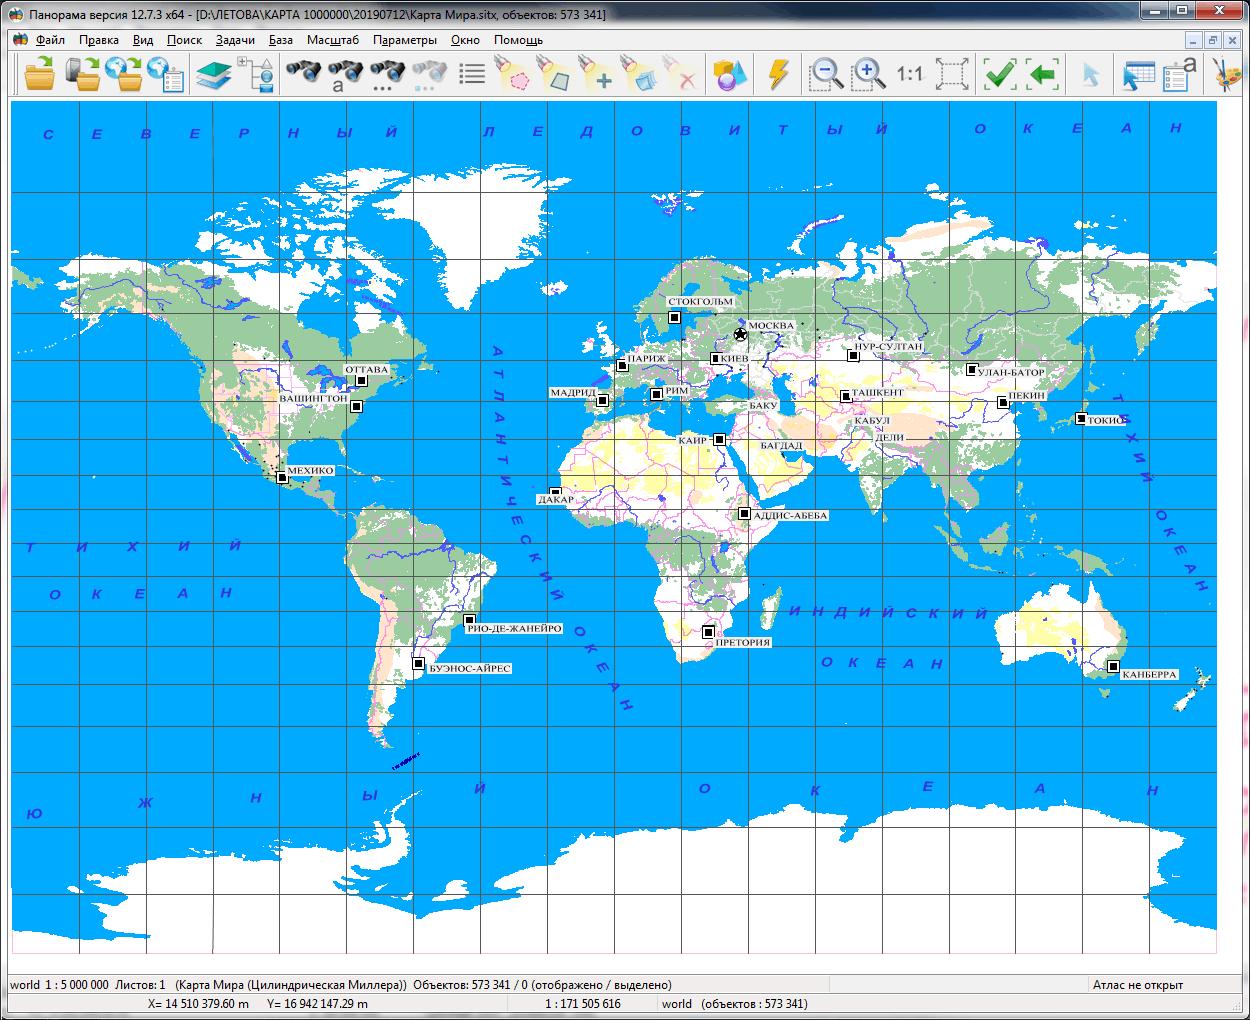 Cifrovaya Tematicheskaya Geograficheskaya Karta Mira V Masshtabe 1 5 000